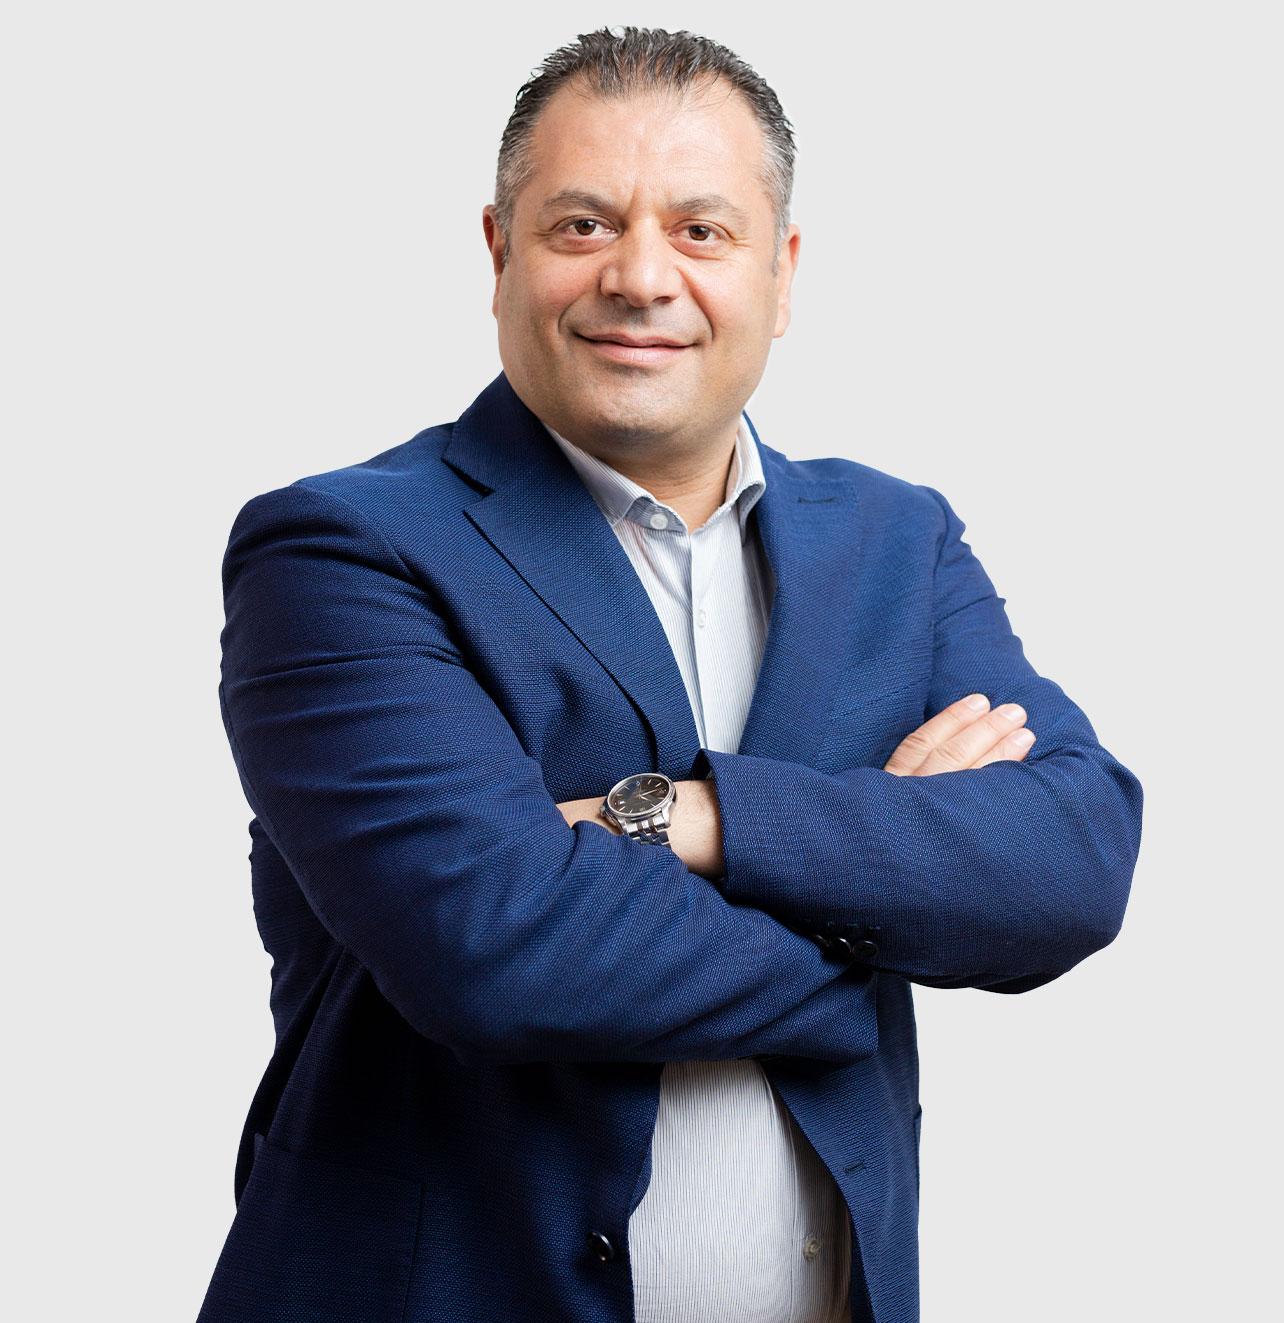 Giuseppe Rubino